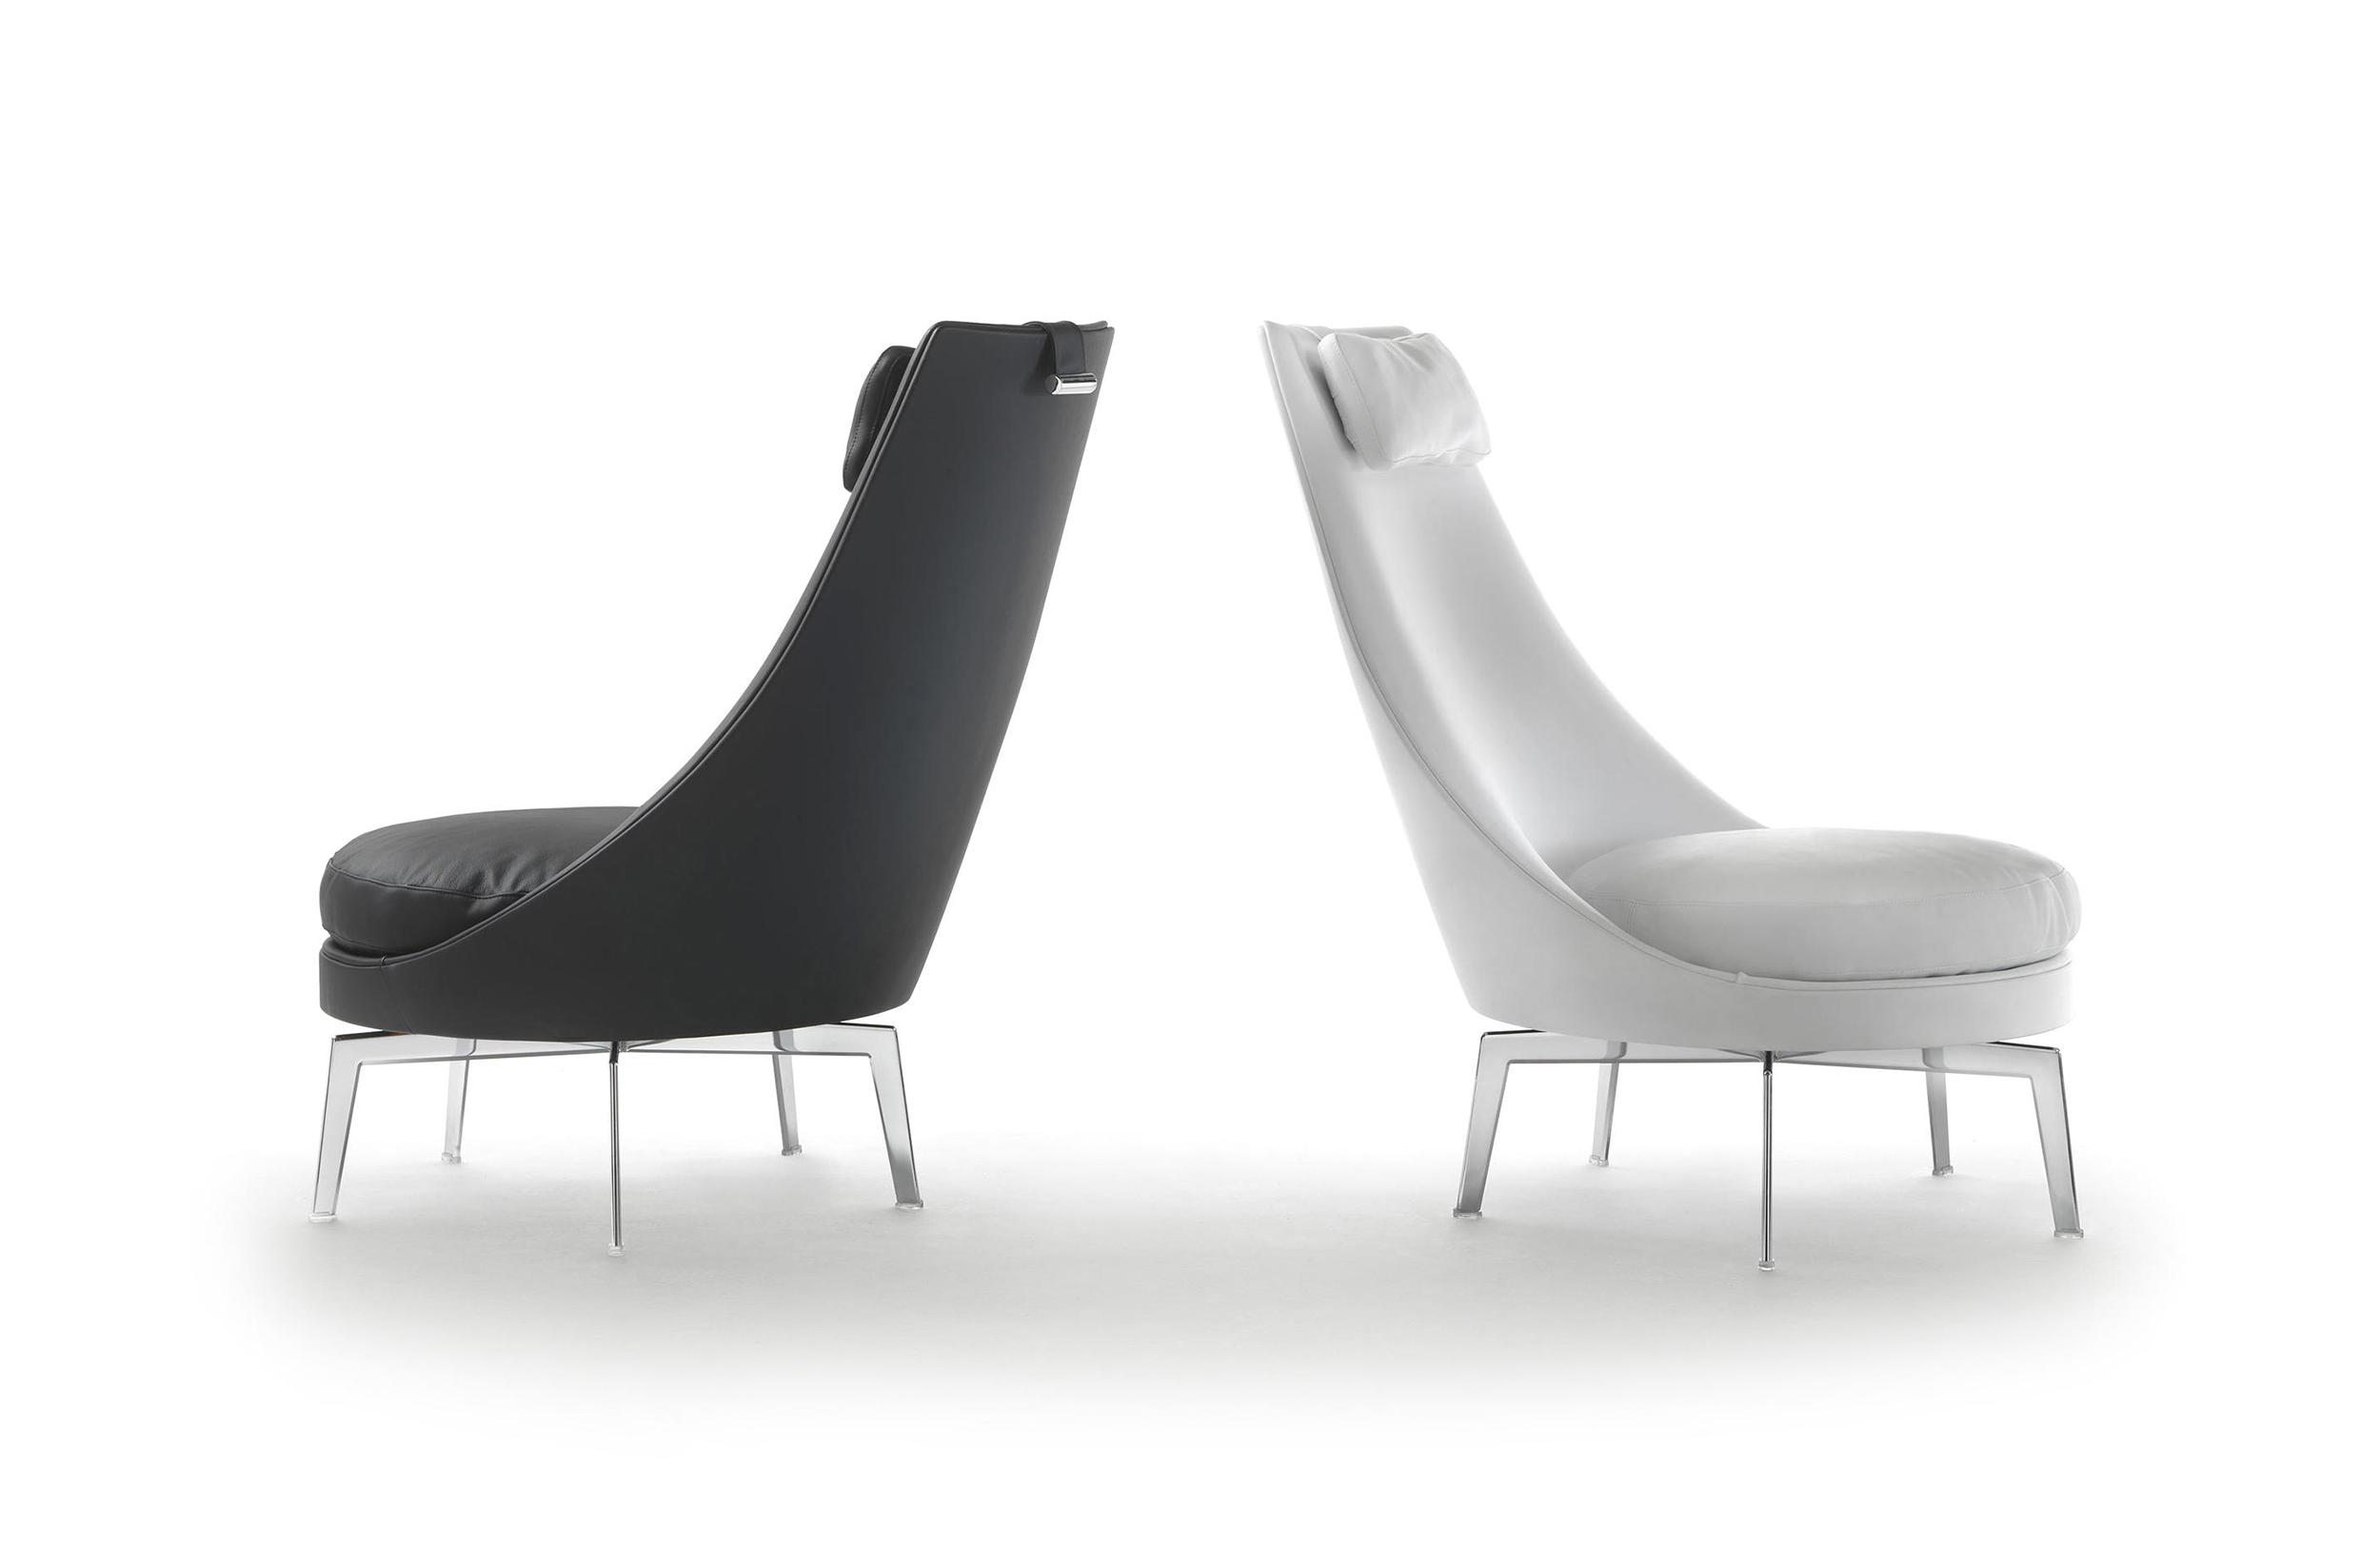 坐具|休闲椅|创意家具|现代家居|时尚家具|设计师家具|定制家具|实木家具|古西奥·阿尔托扶手椅